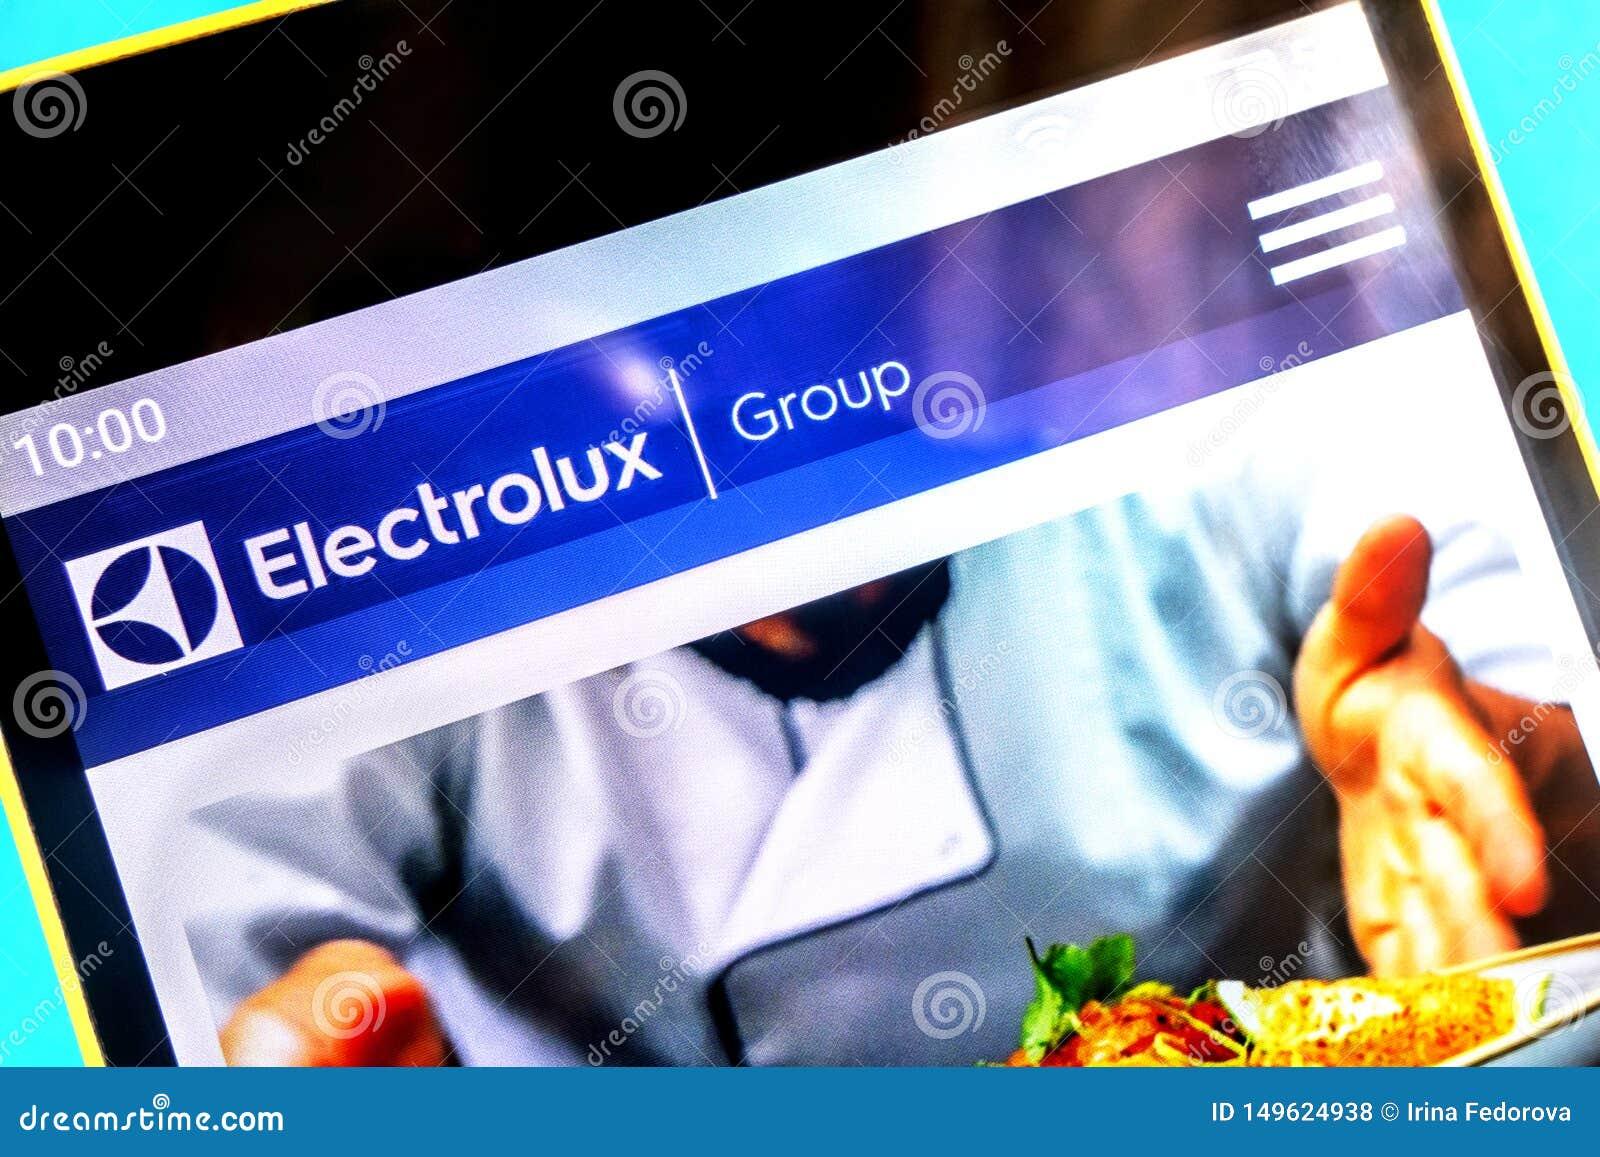 Berdyansk, Ucrania - 3 de abril de 2019: Editorial ilustrativo, homepage de la página web del grupo de Electrolux Logotipo del gr